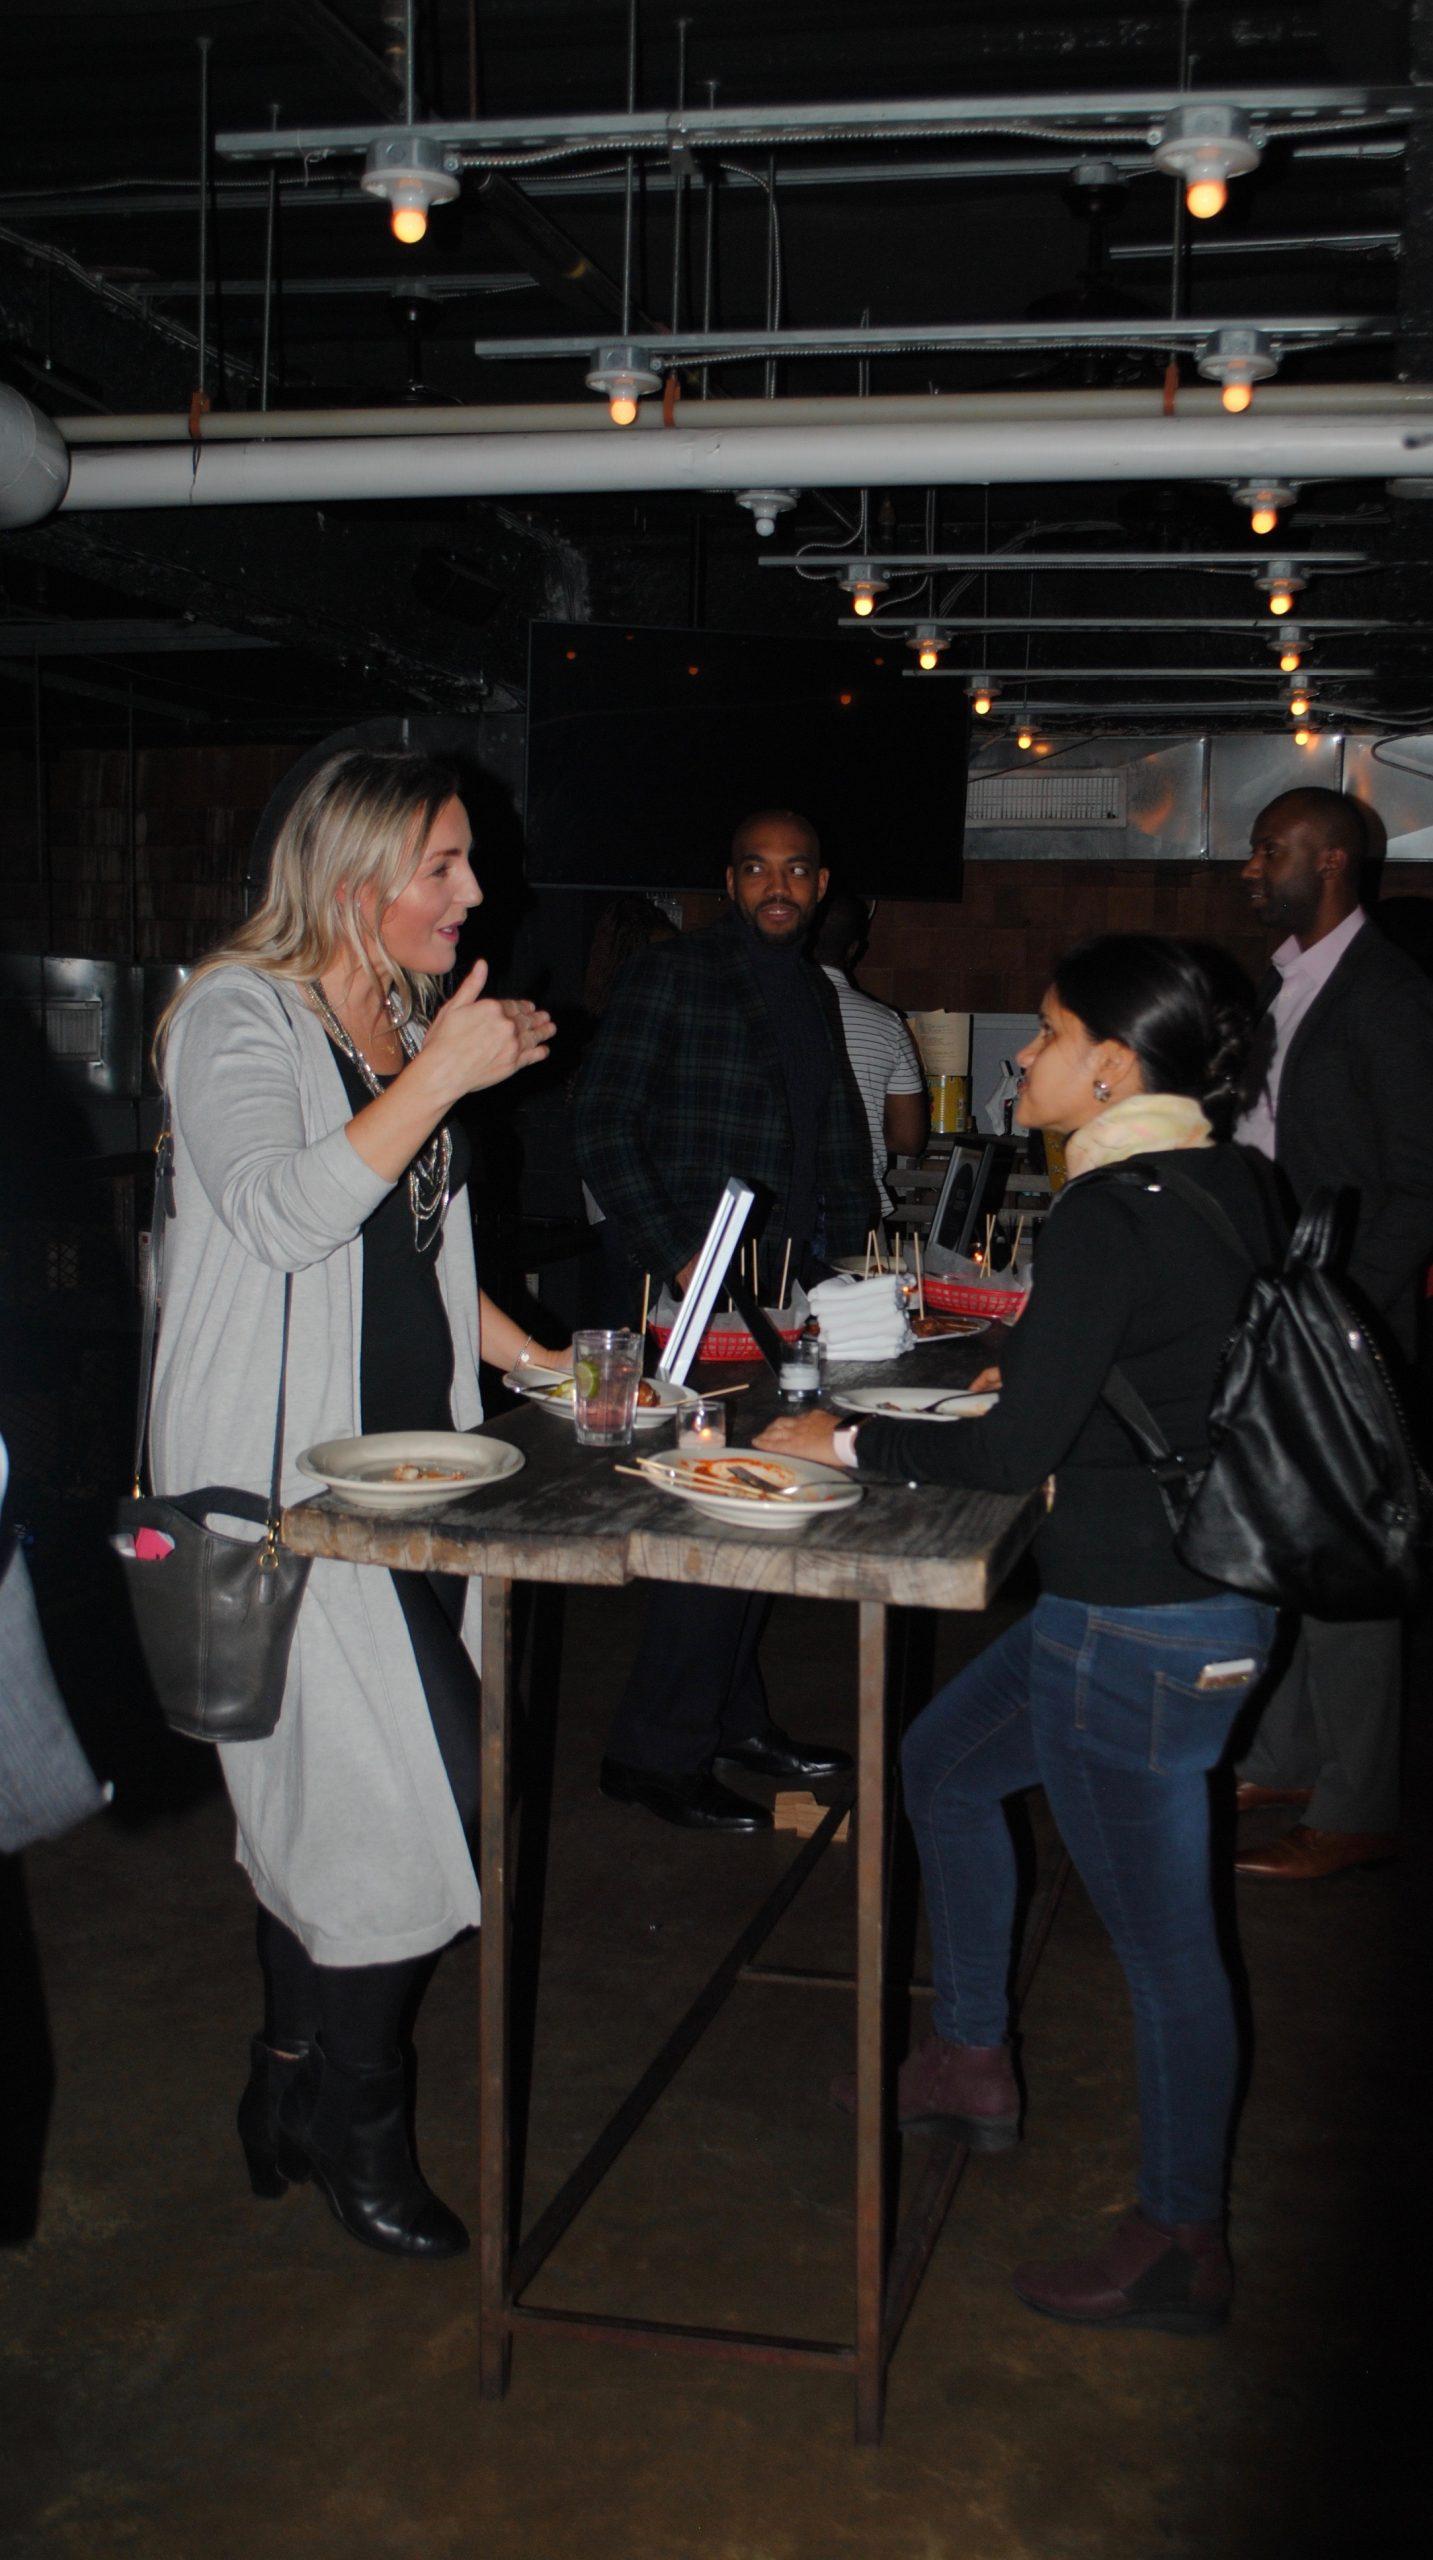 MEBO Society - #MEETMEBOMIXER - Stamford, CT - November 2019